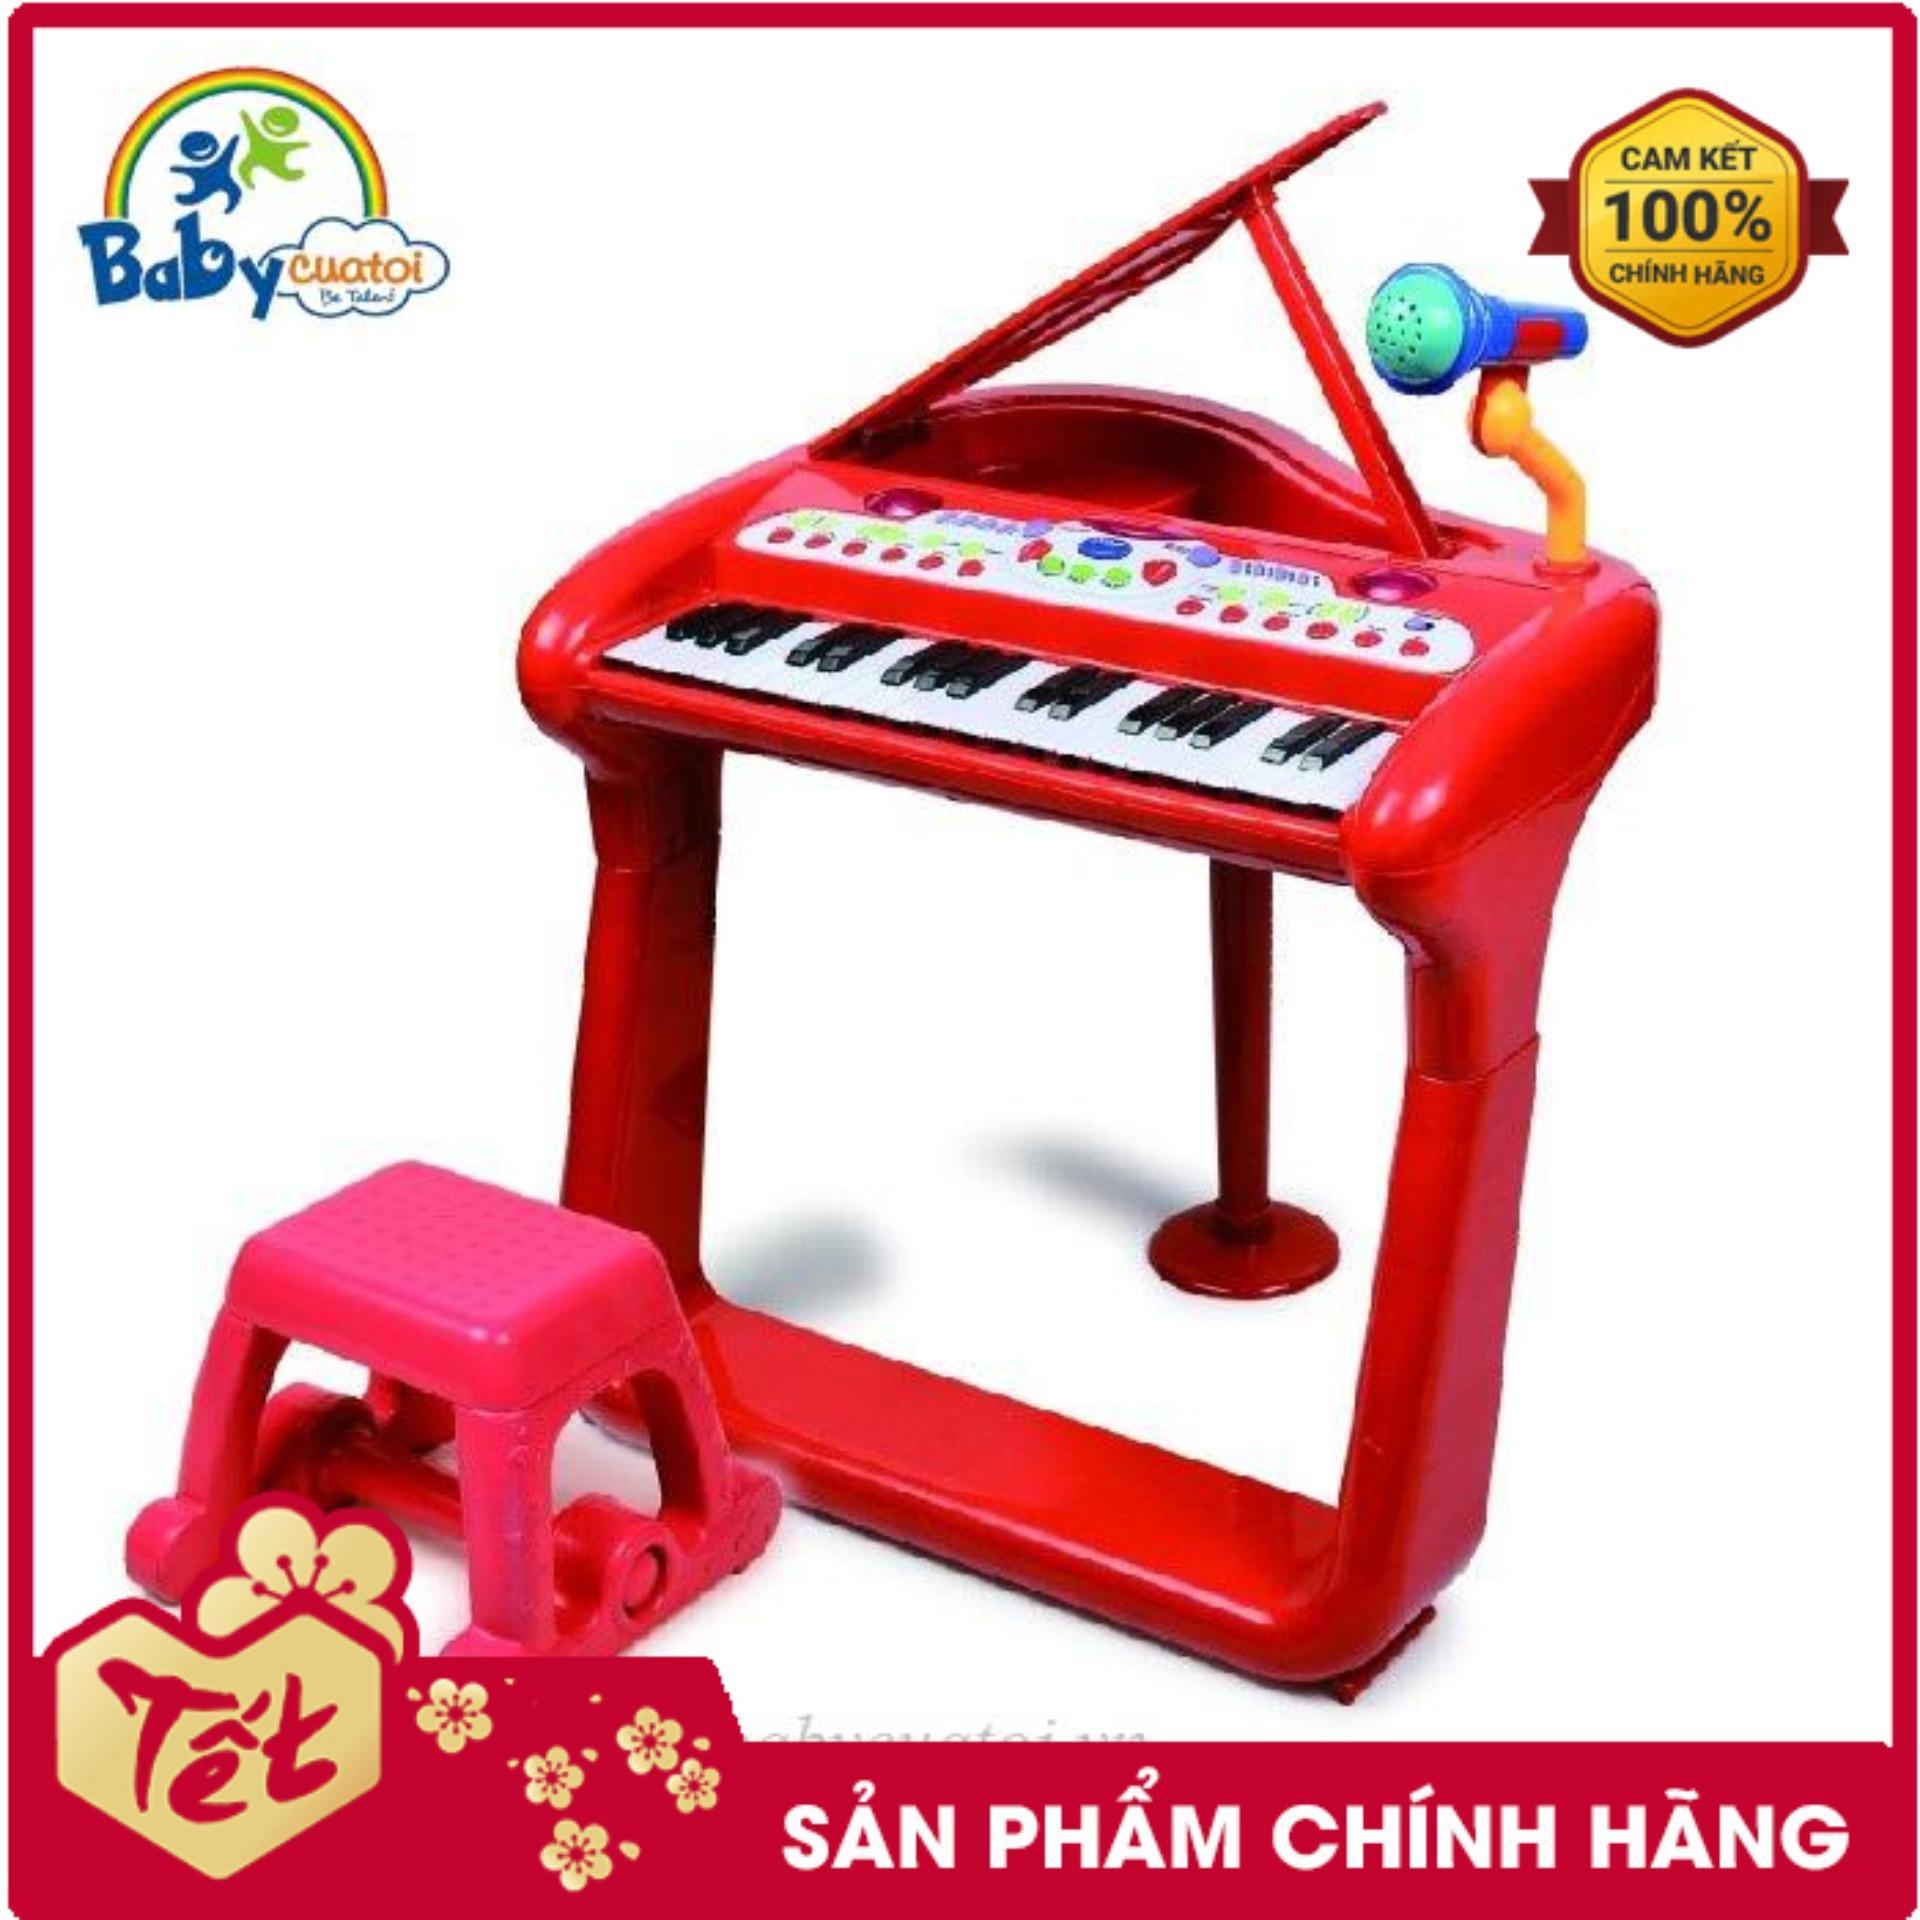 Đồ chơi âm nhạc đàn piano BBT Global - nhựa nguyên sinh an toàn cho bé trai bé gái - đồ chơi trẻ em đồ chơi vận động phát triển sáng tạo BB375